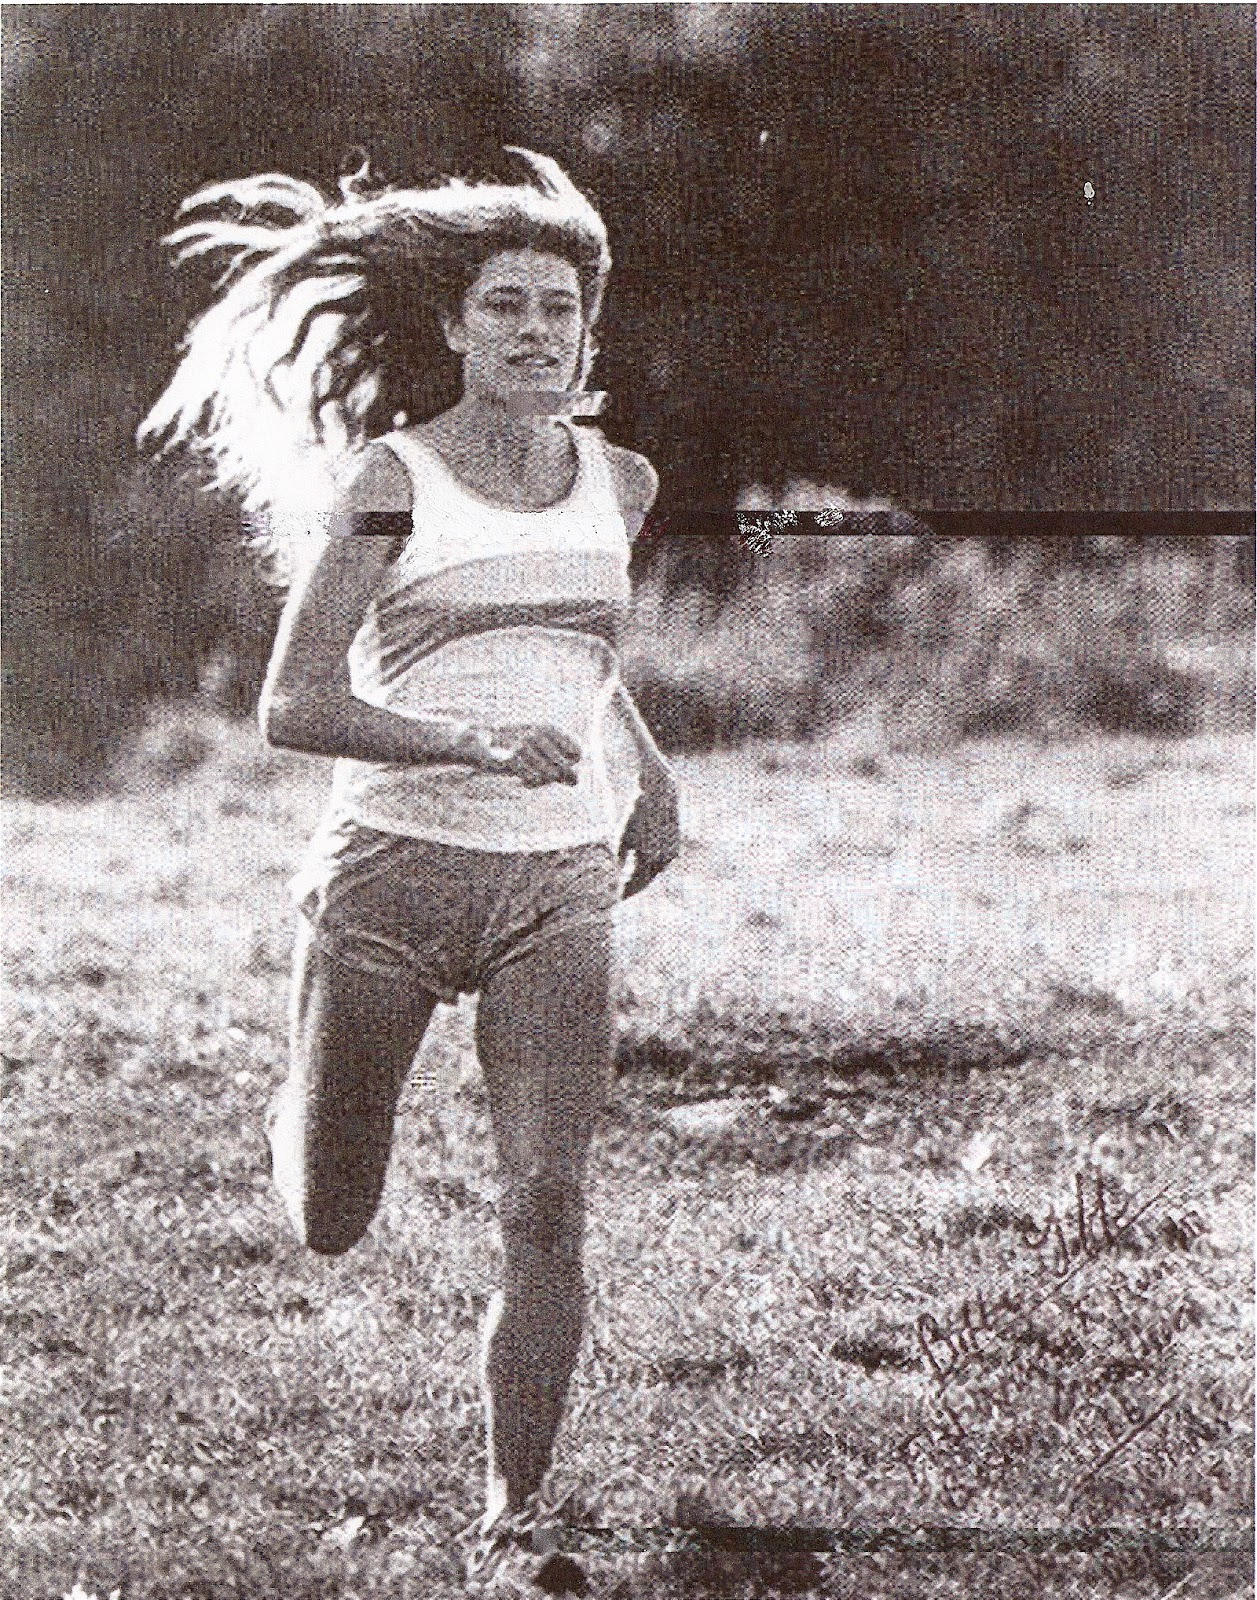 3. Bobbi Gibb hair in breeze